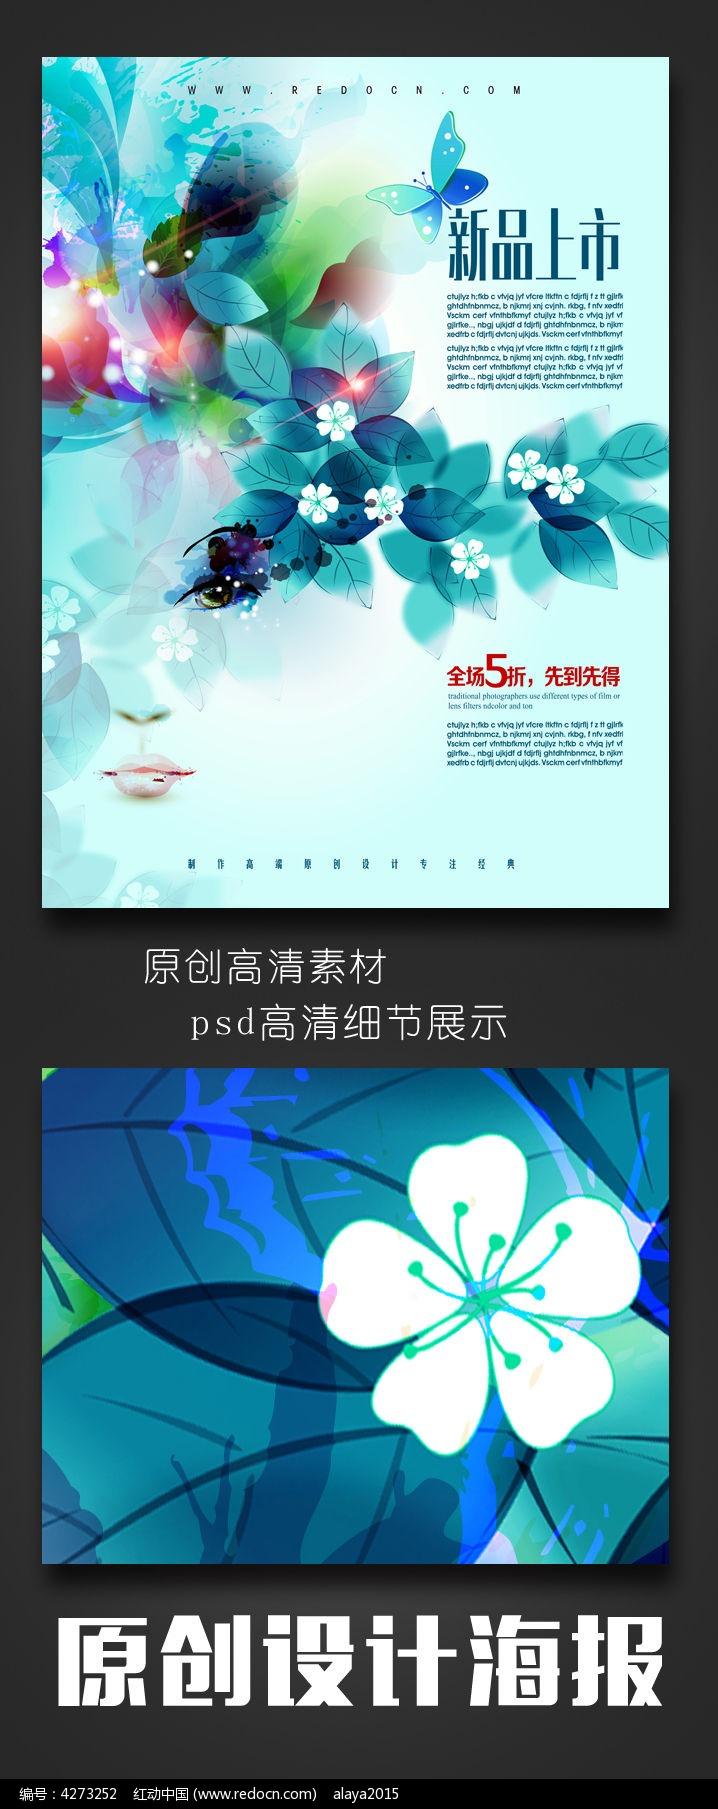 蓝色夏季新品上市海报图片